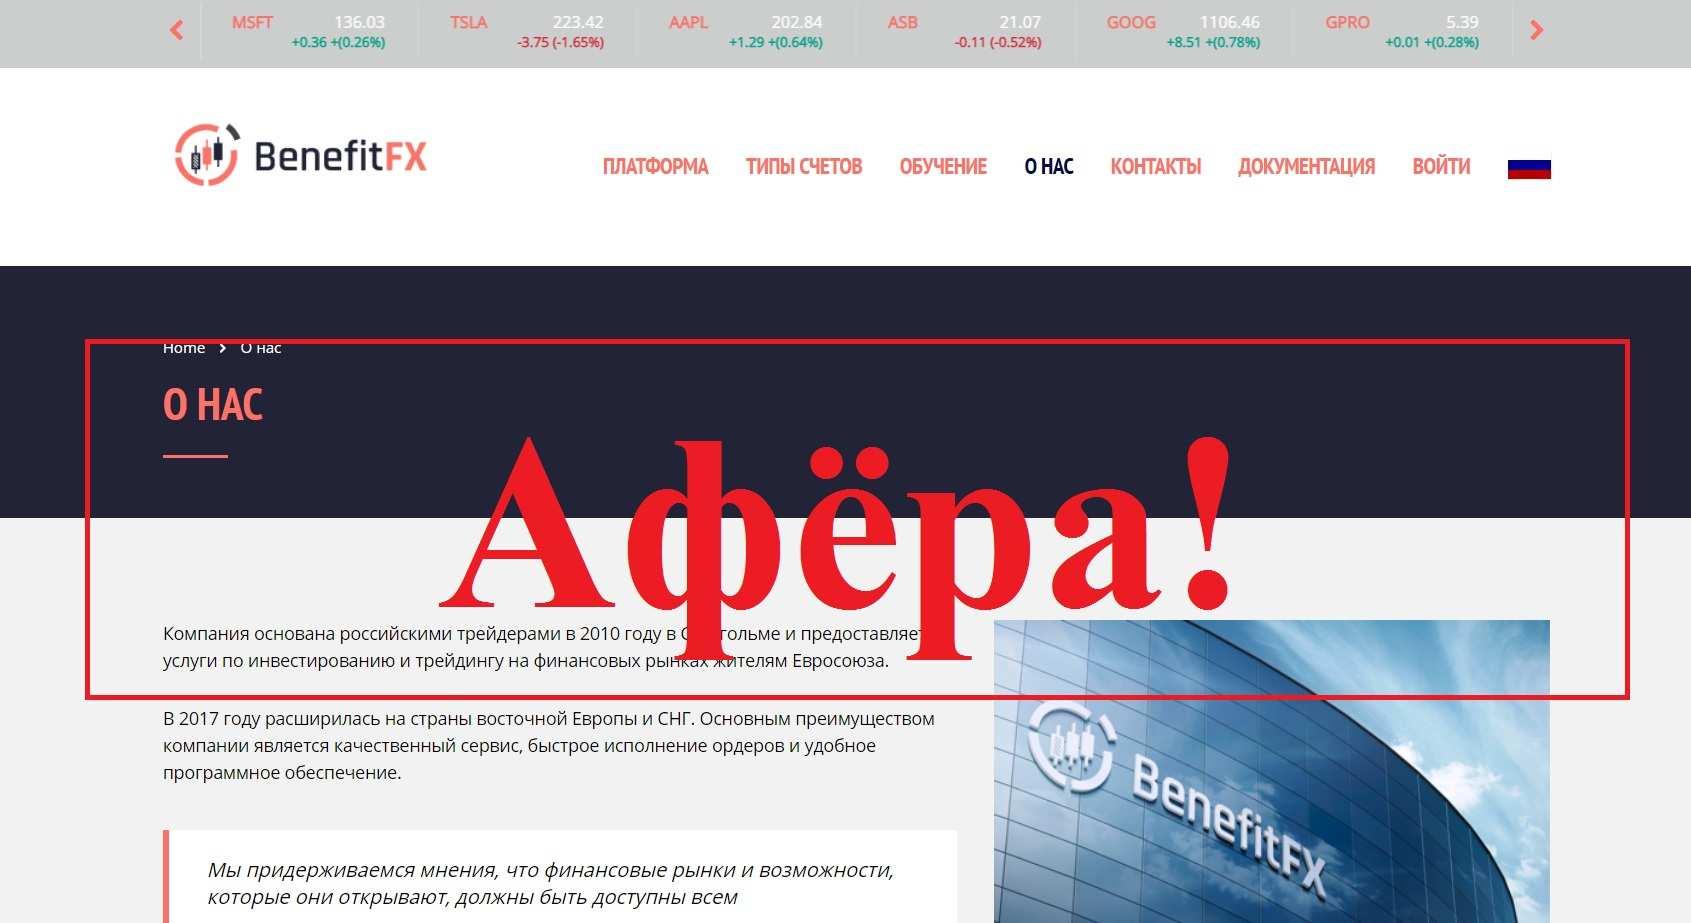 Брокер BenefitFX – реальные отзывы о benefitfx.com